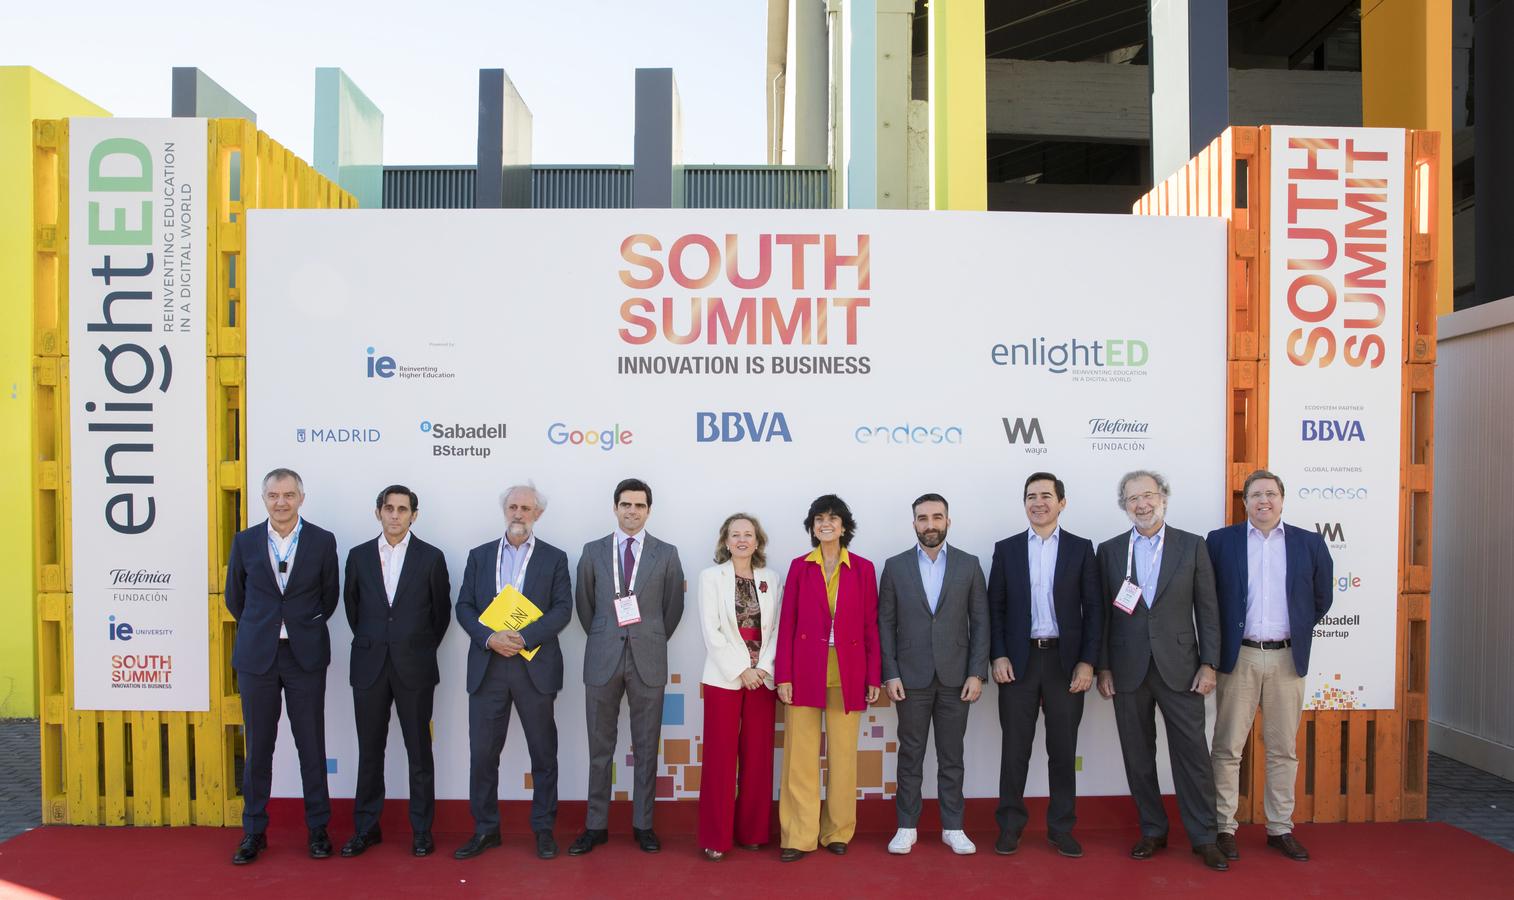 South Summit edici´pon 2018 en La Nave de Madrid